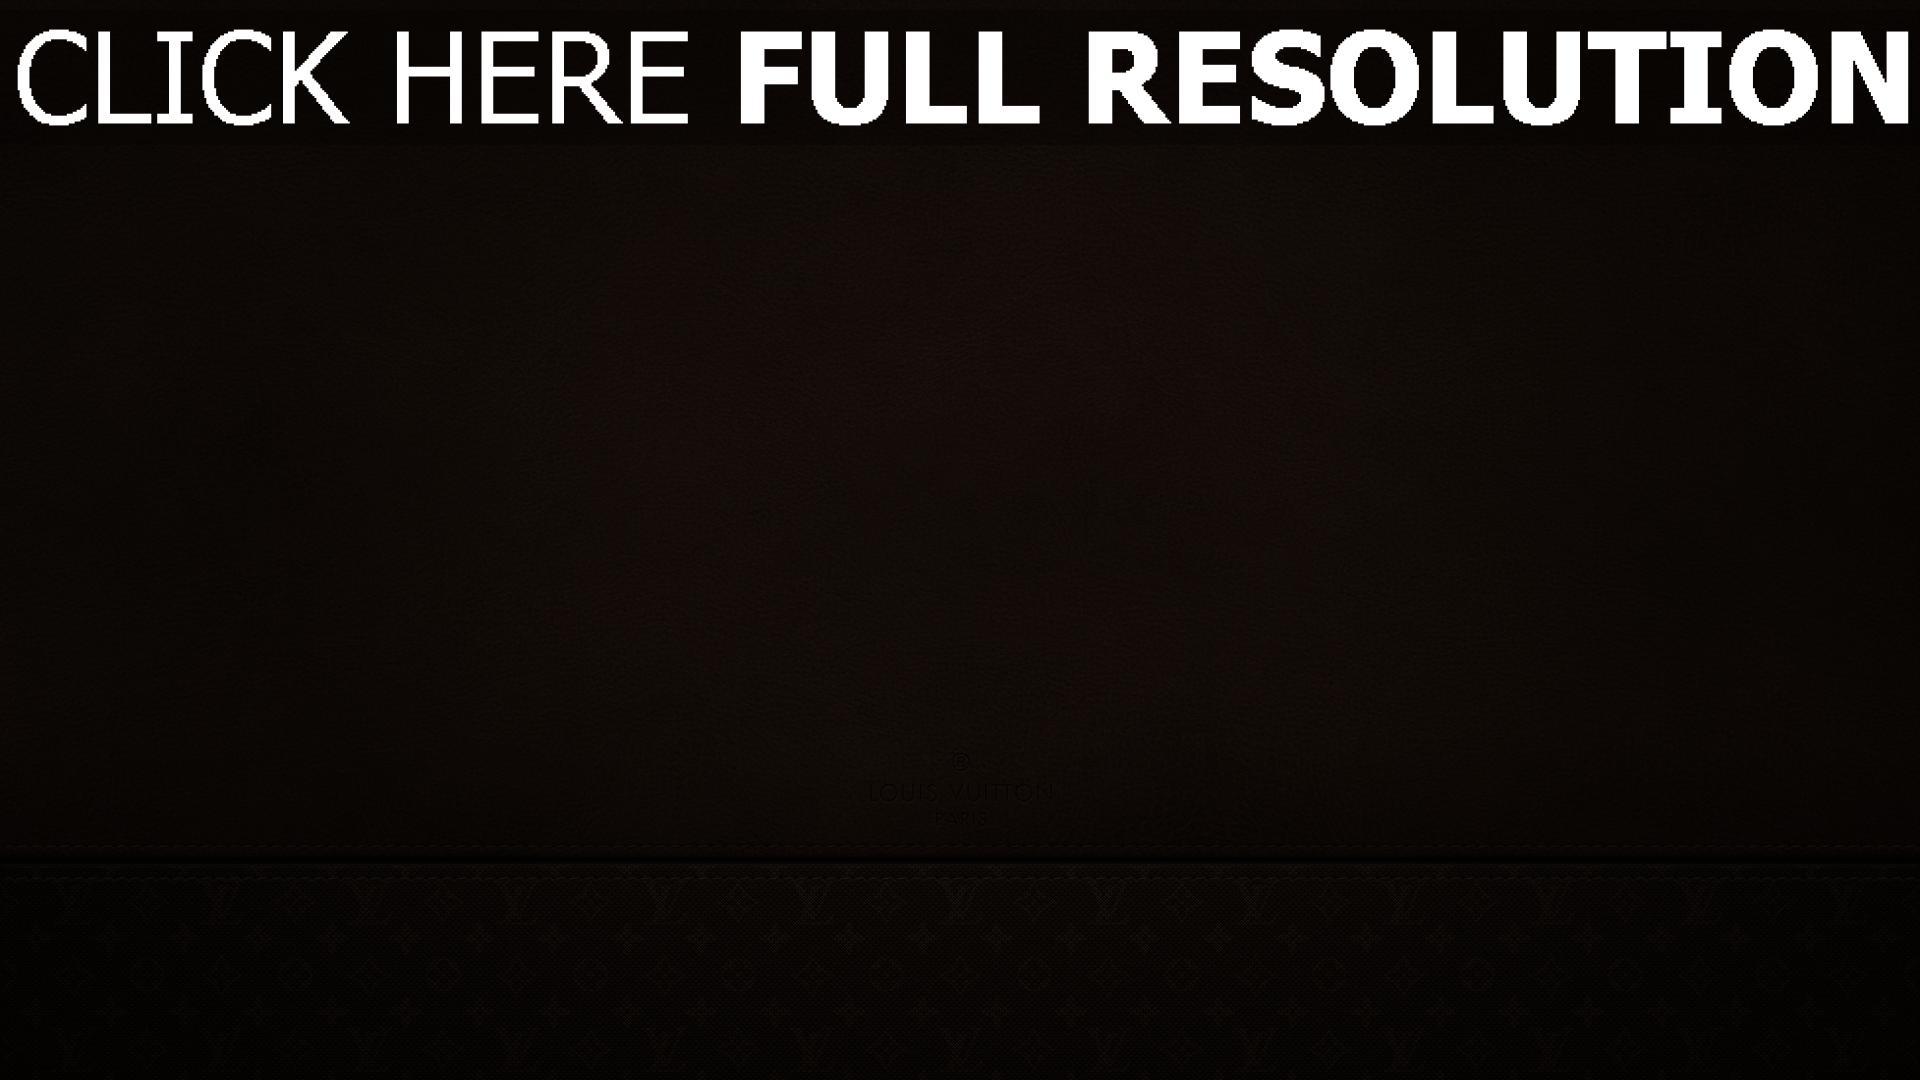 hd hintergrundbilder louis vuitton embleme anhänger leder 1920x1080